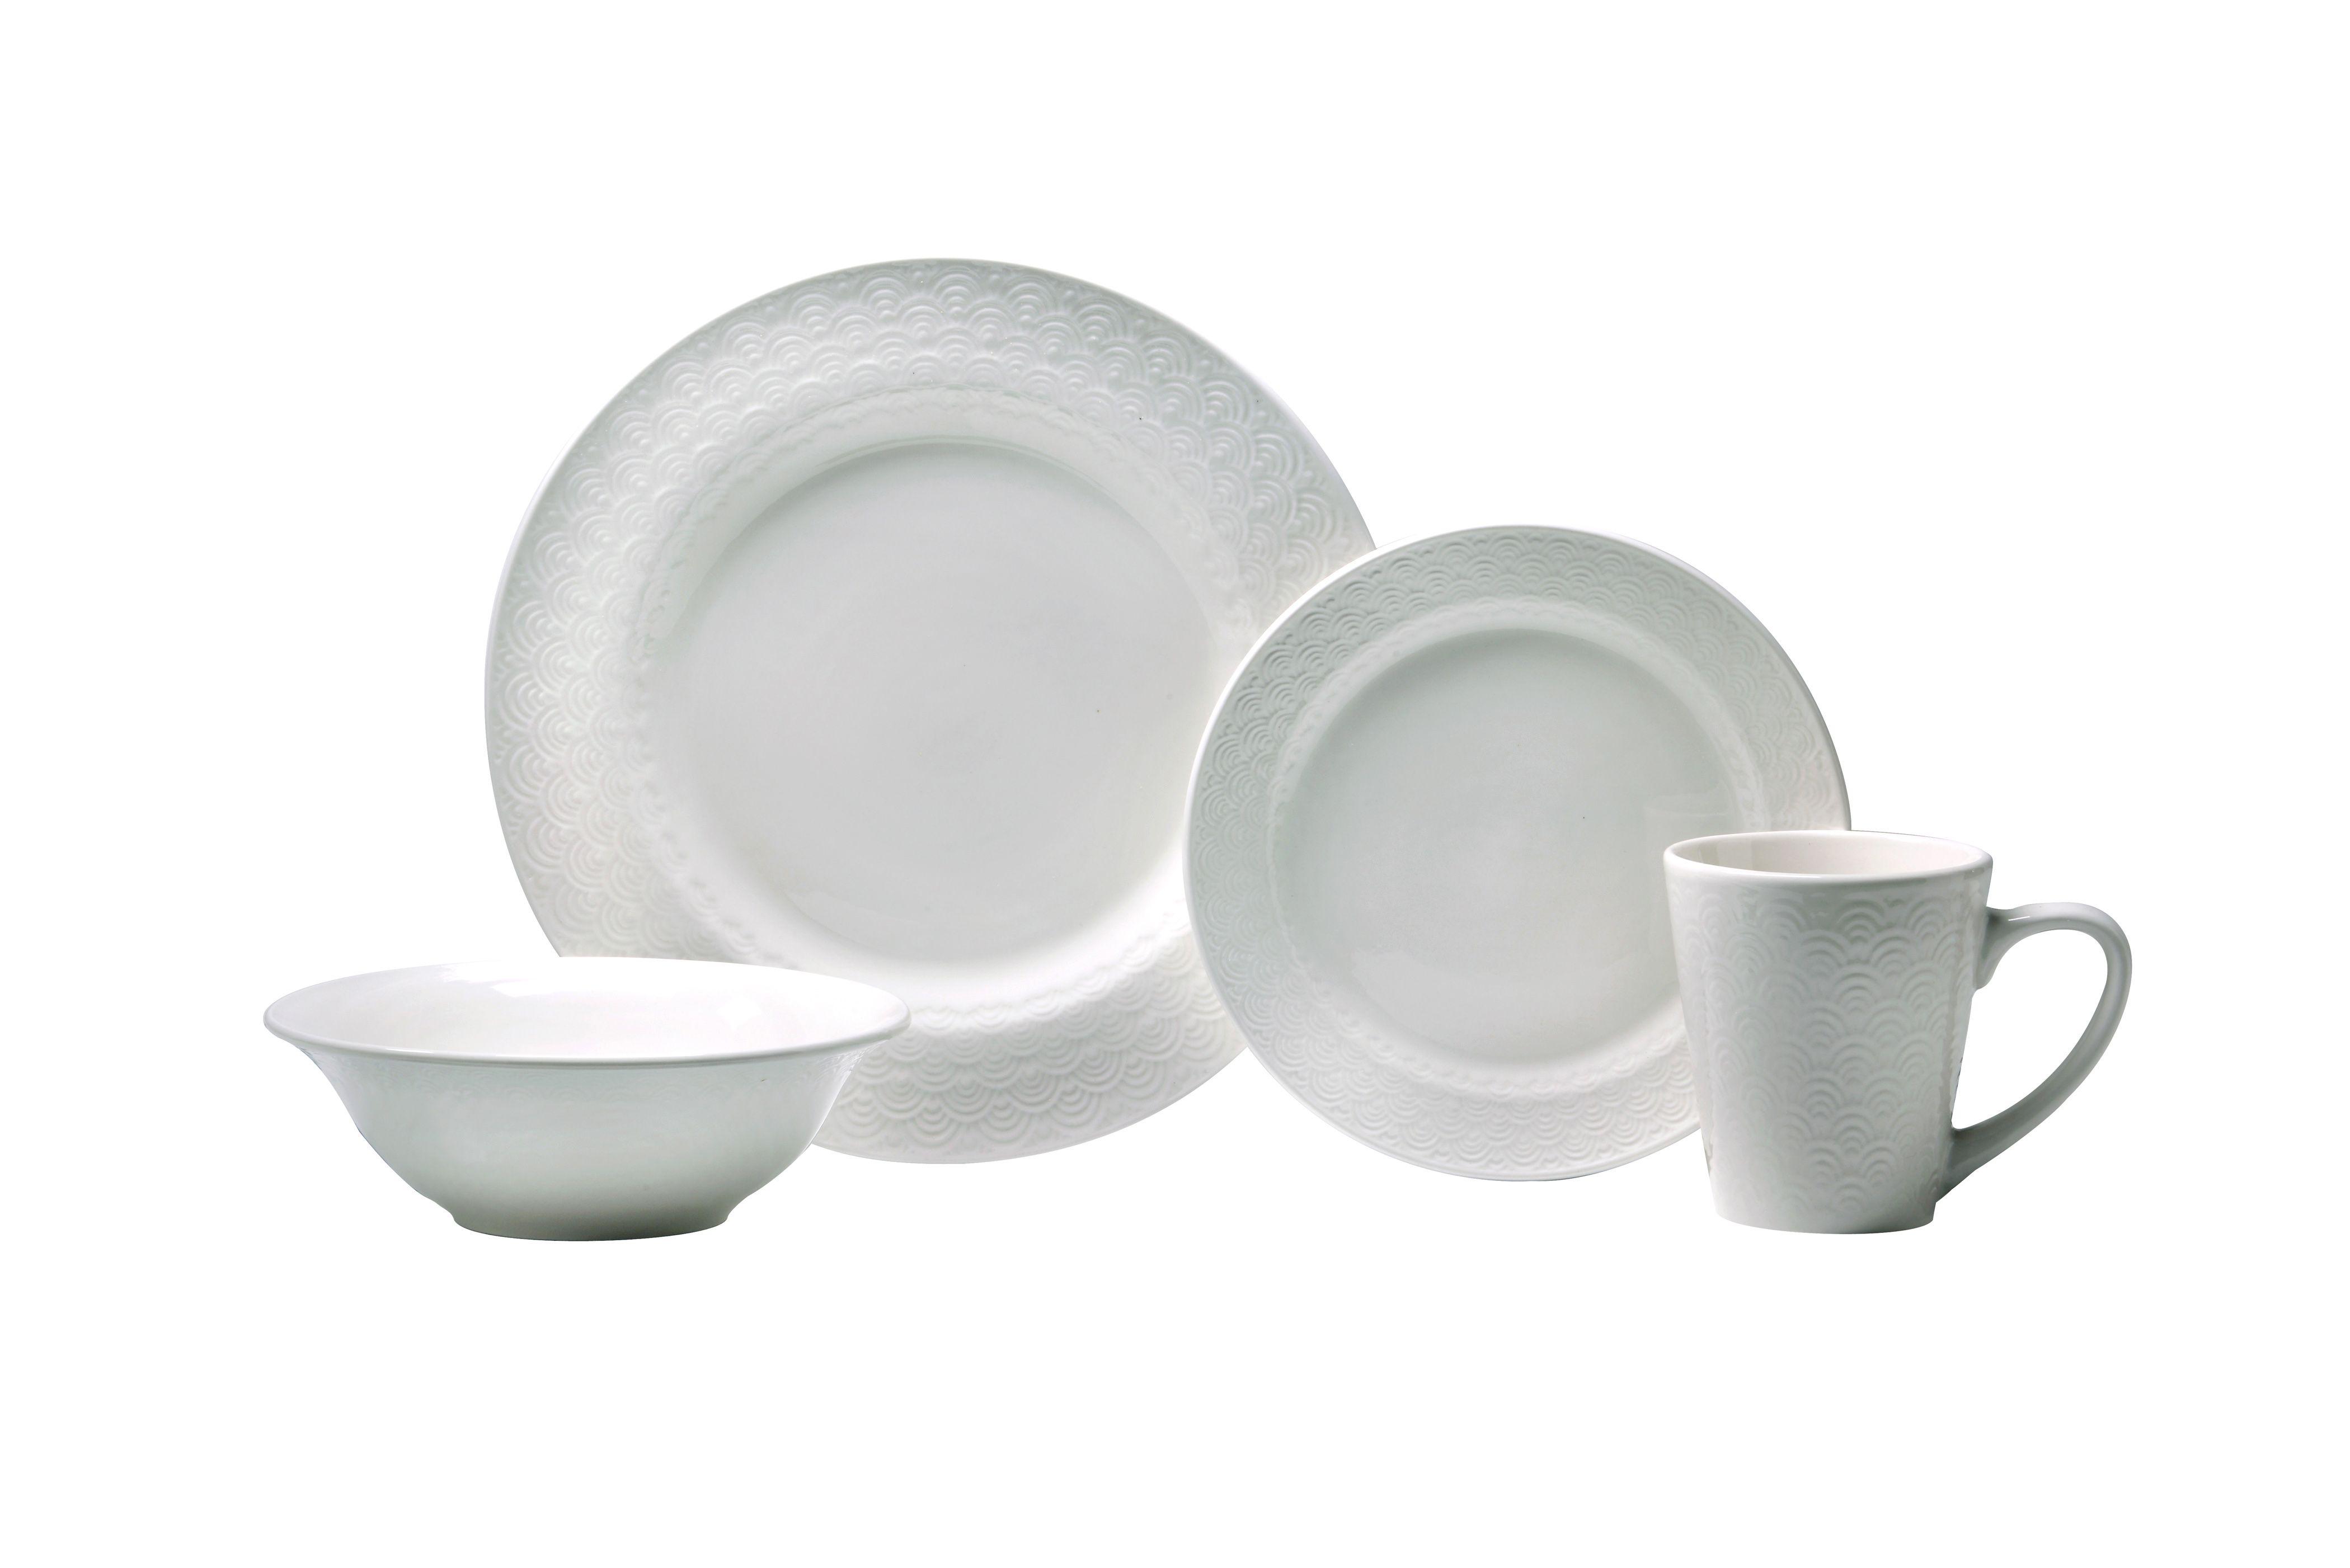 Kato dinnerware from Oneida